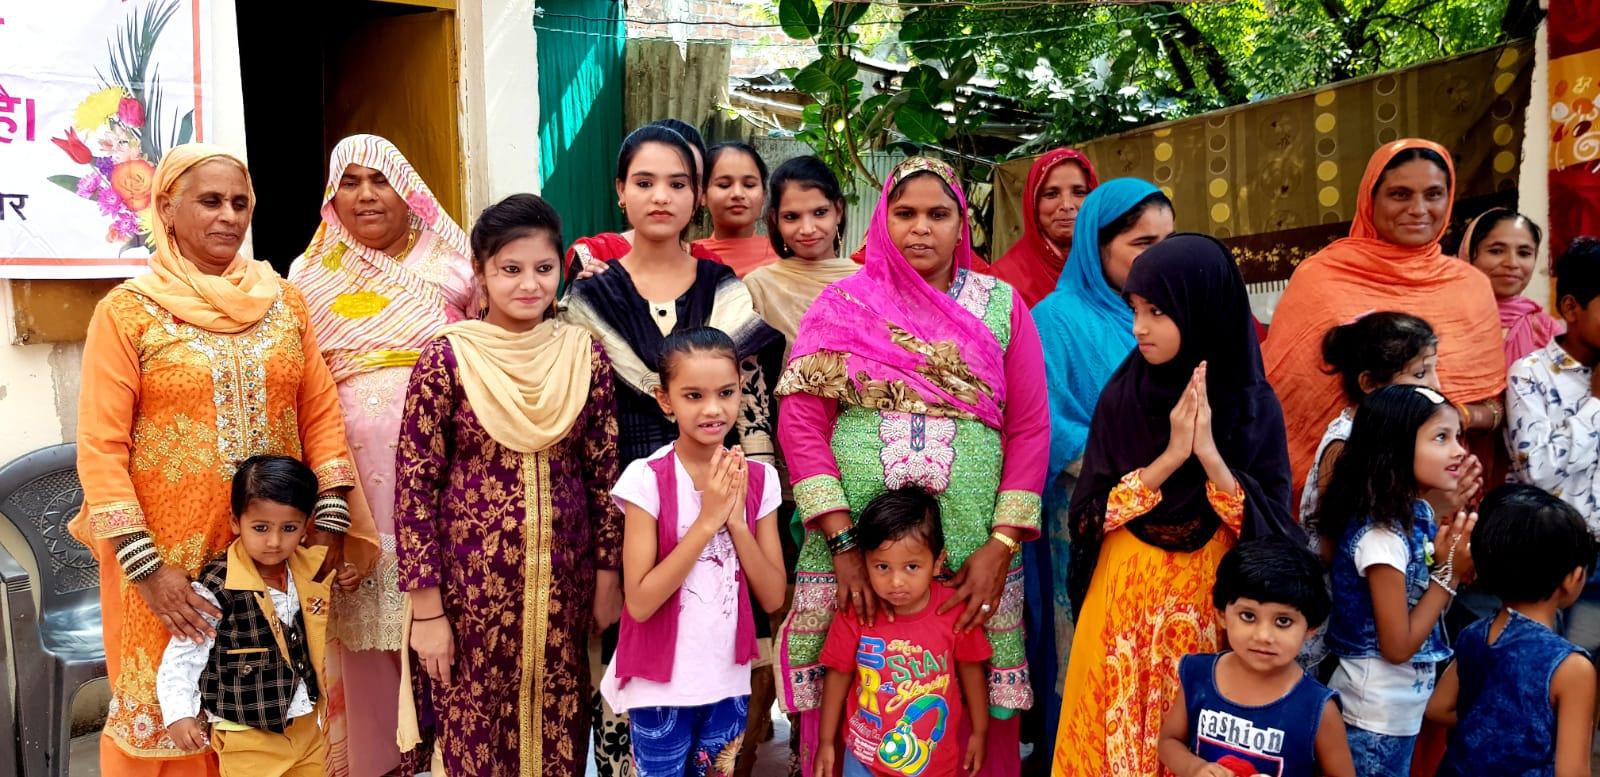 Lastenkomitean jäseniä Indoressa